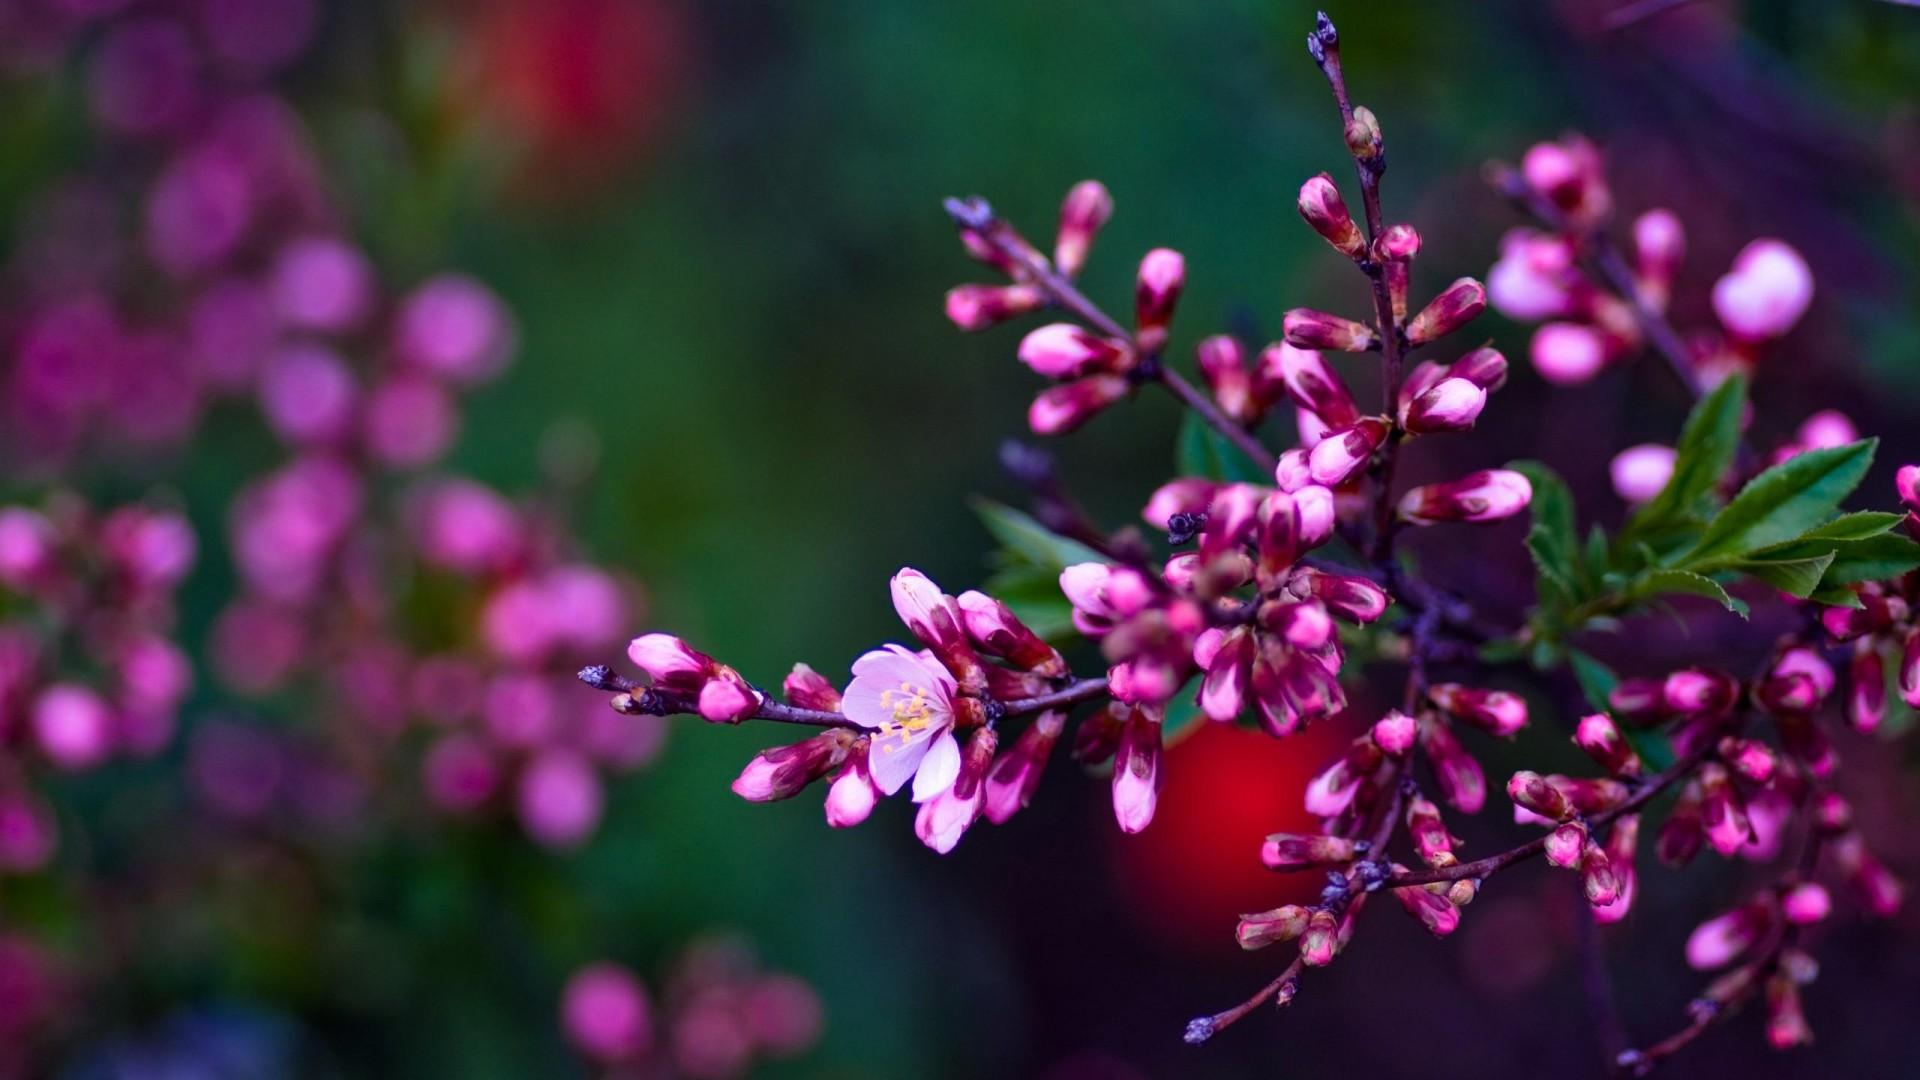 Spring Flower Wallpaper HD 3D